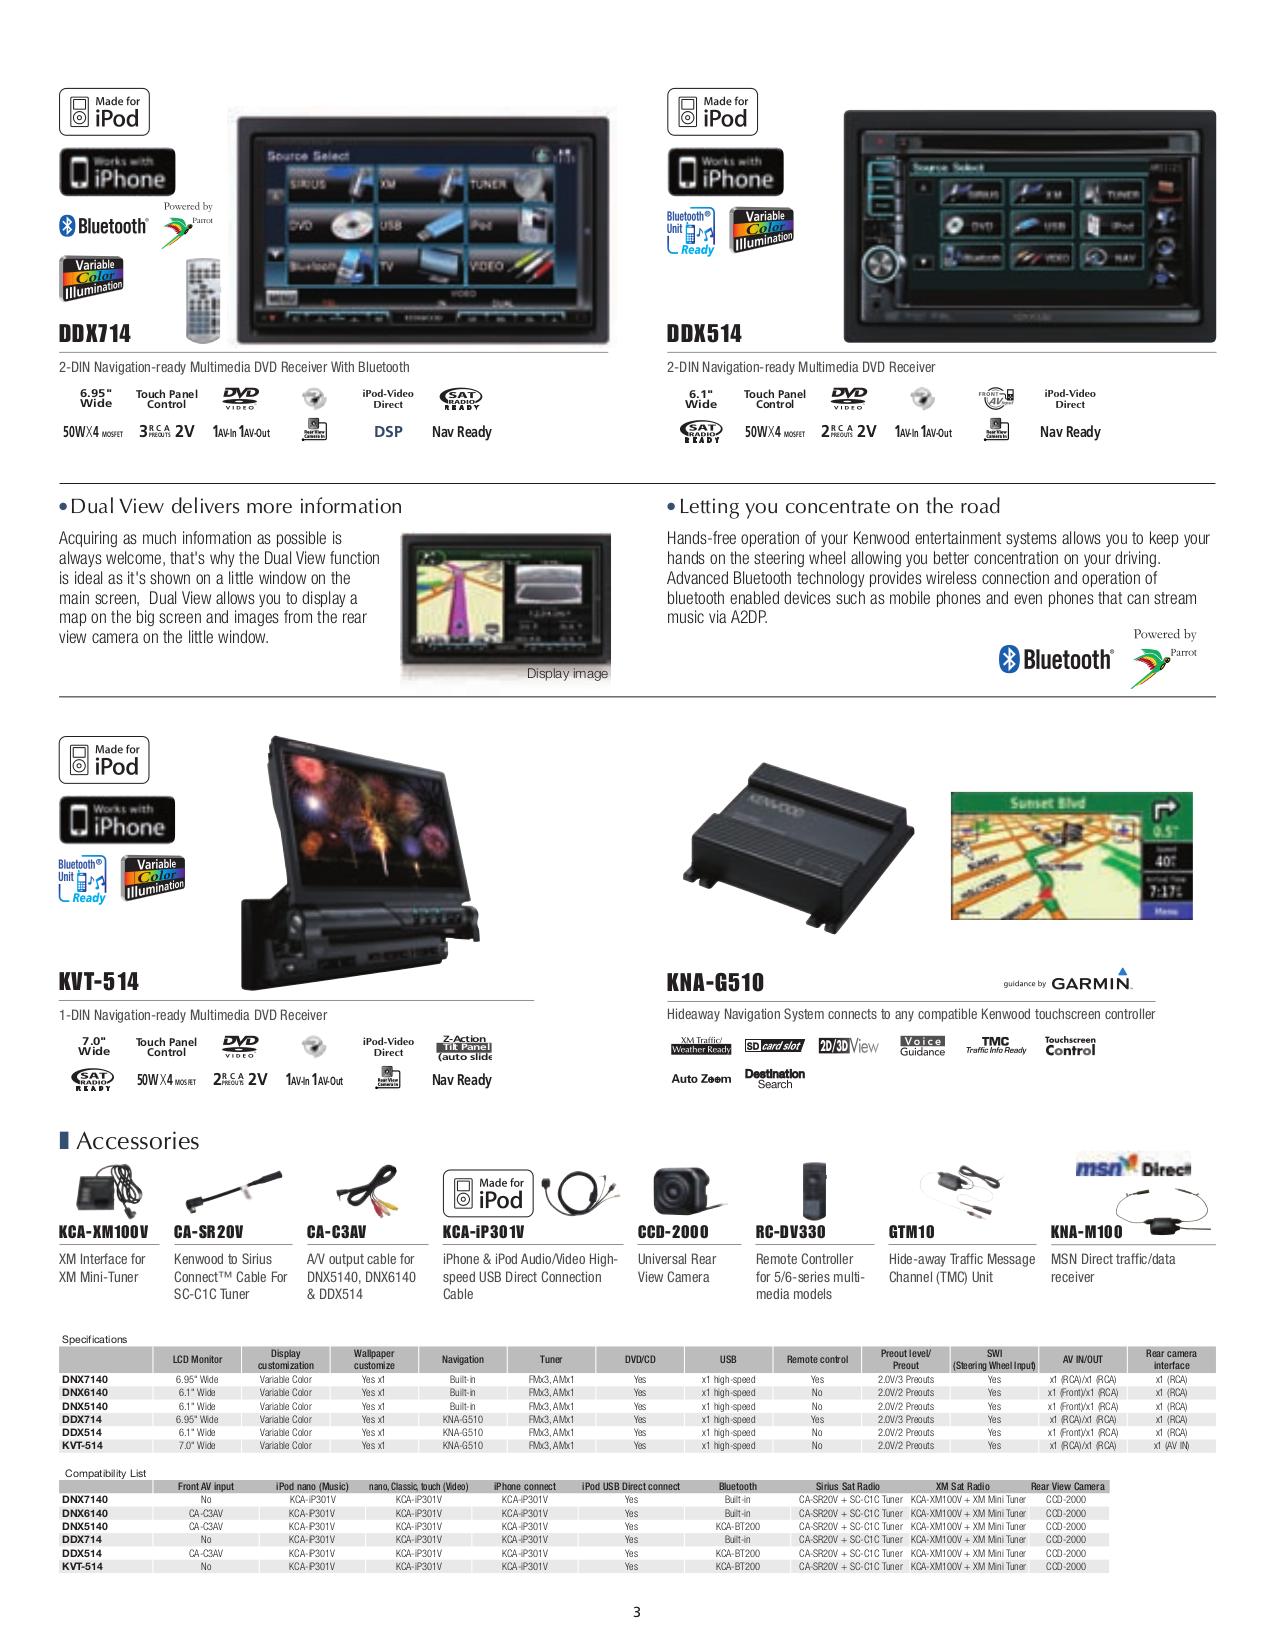 pdf manual for kenwood car amplifier kac 8404 rh umlib com Kenwood KAC 9105D Kenwood KAC- 7005PS